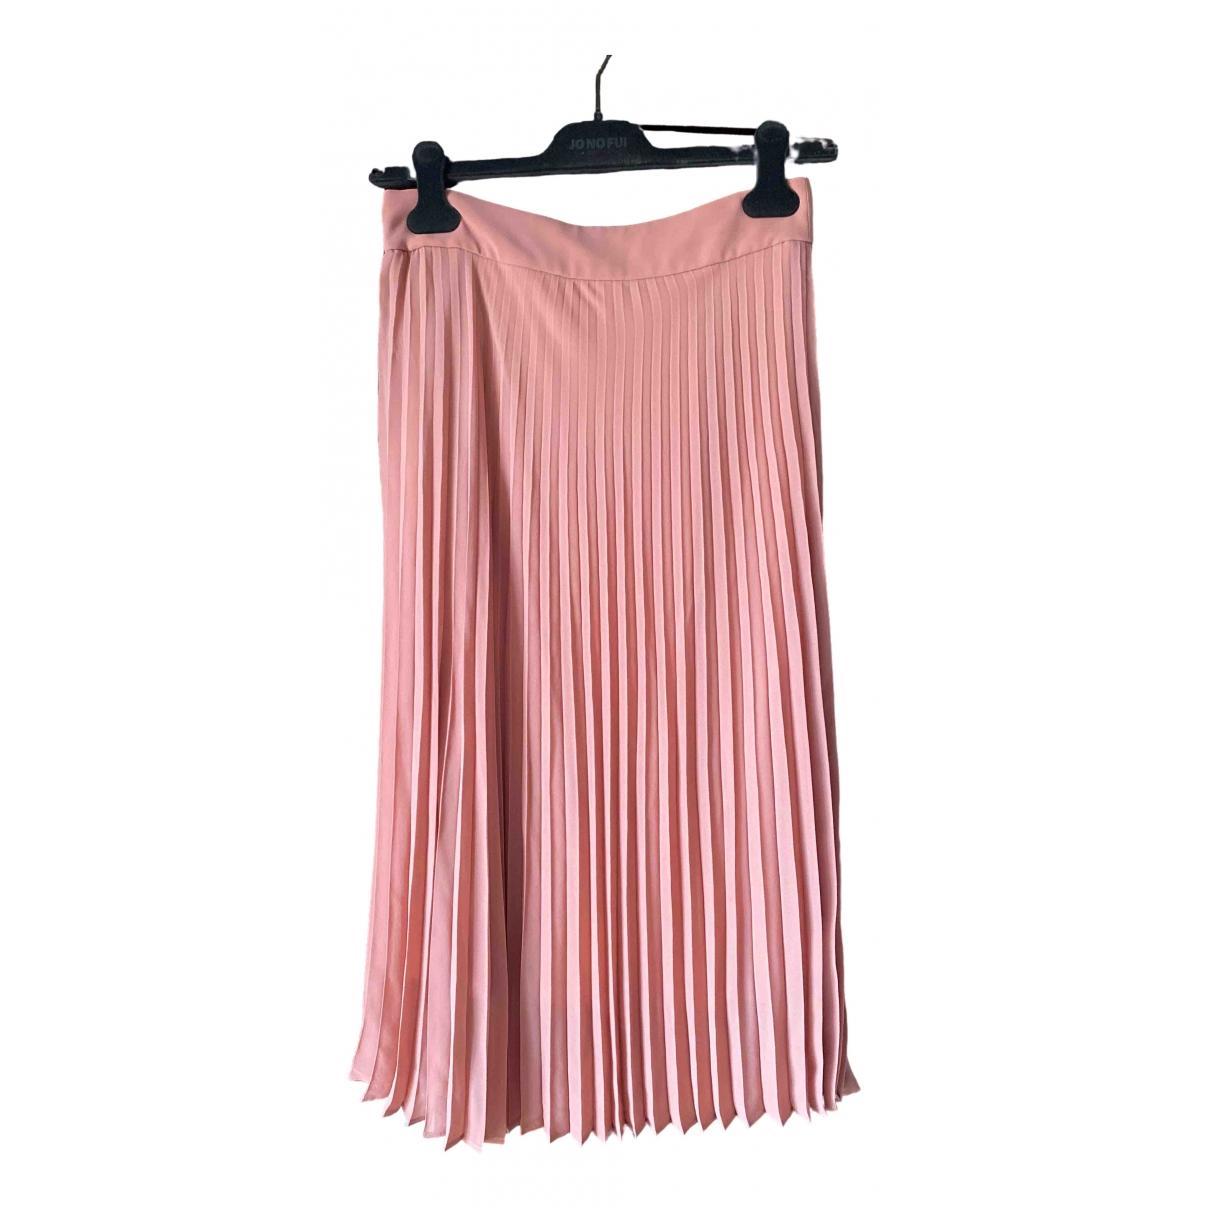 Sézane Spring Summer 2020 Pink skirt for Women 36 FR